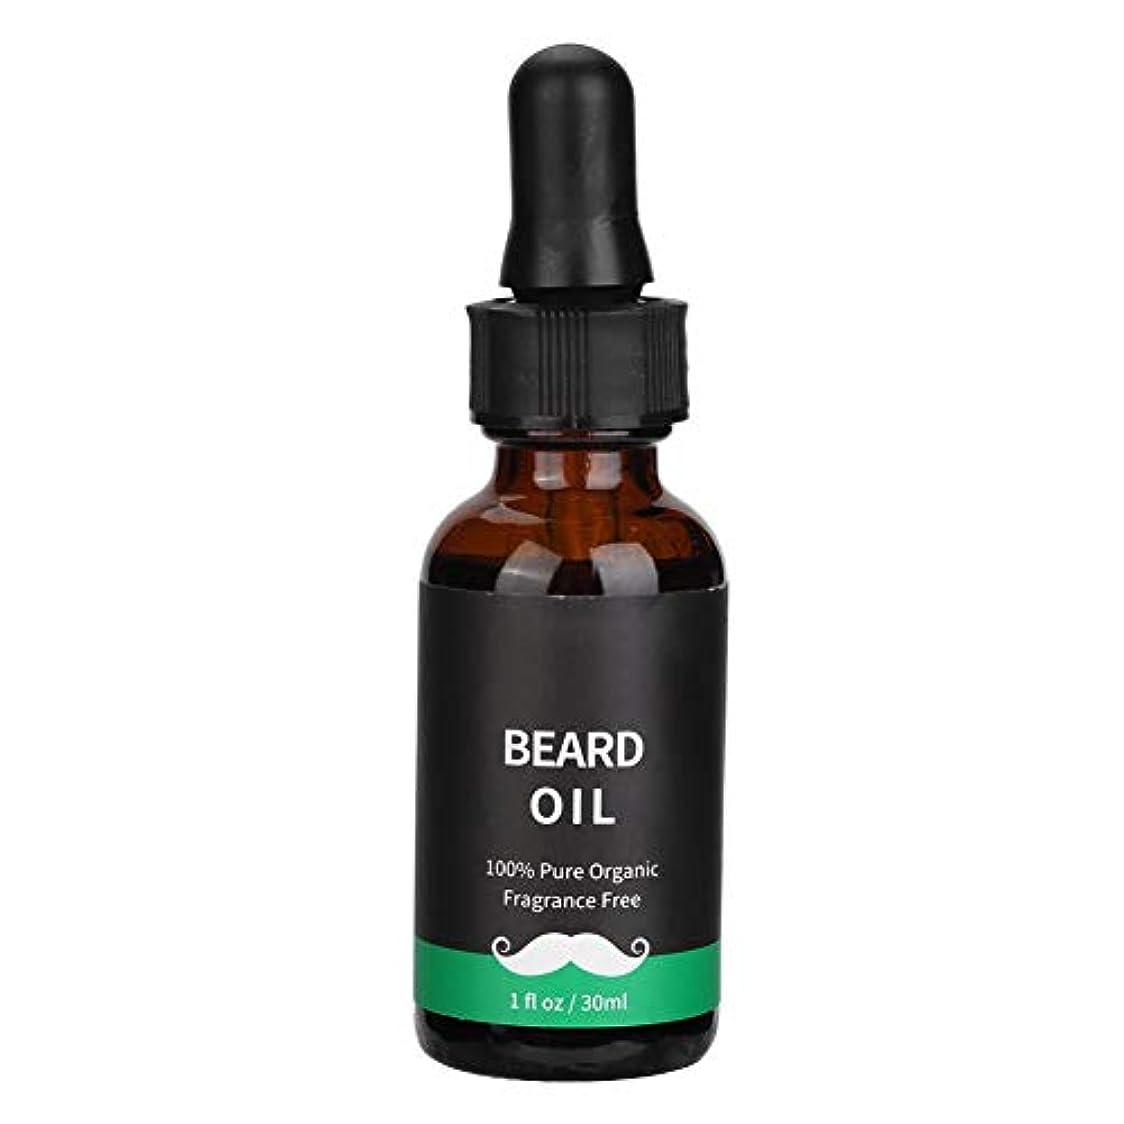 間隔間違い再編成する男性のためのあごひげ成長油、天然液体男性あごひげヒゲ成長ケアオイルバーム(30ML)